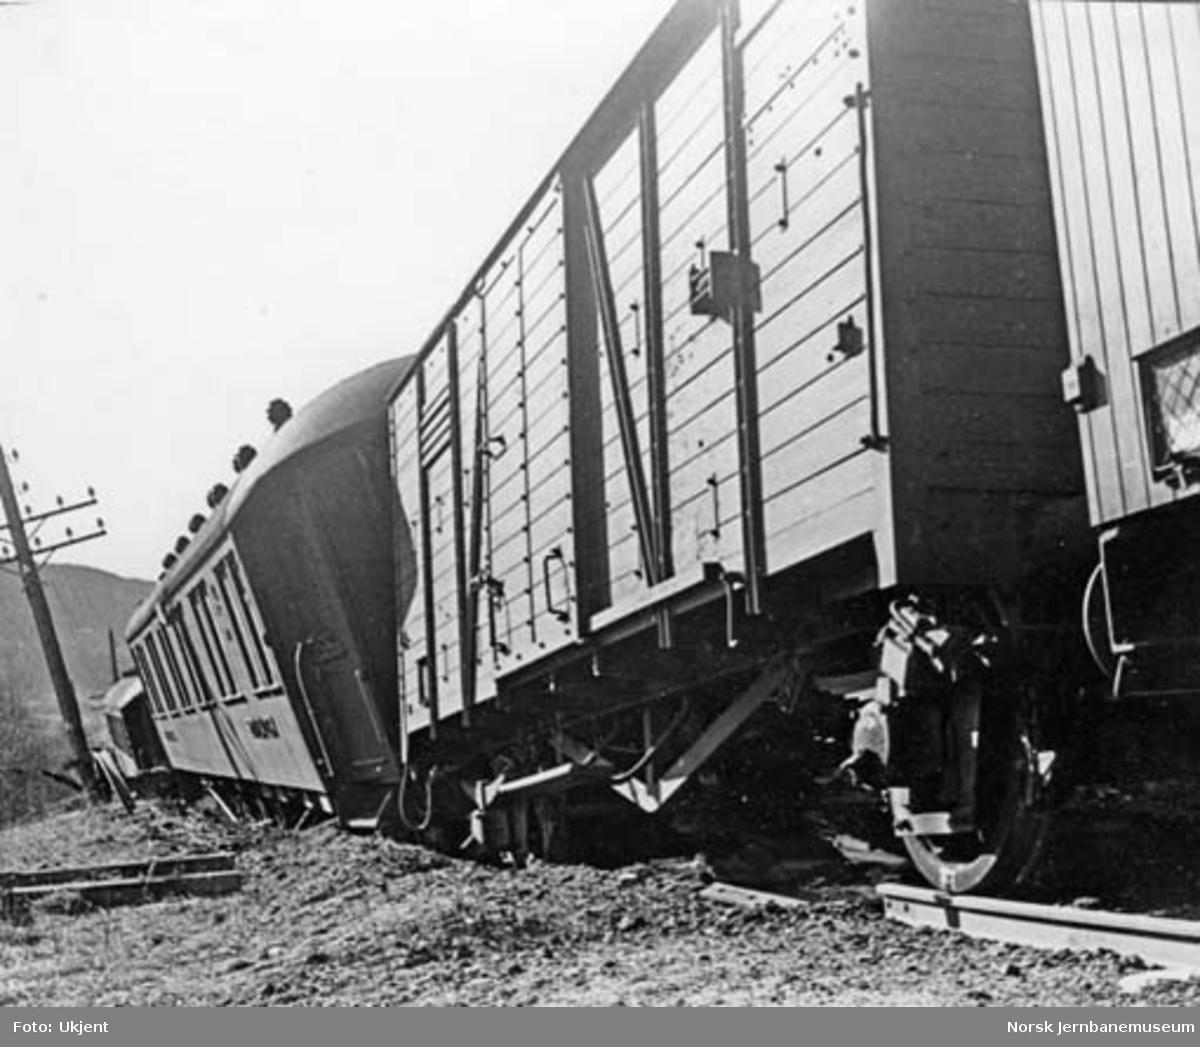 Avsporede vogner i nattog 306 ved km 229 mellom Losna og Fåvang - toget sett bakfra. Neste vogn, litra H, er også avsporet